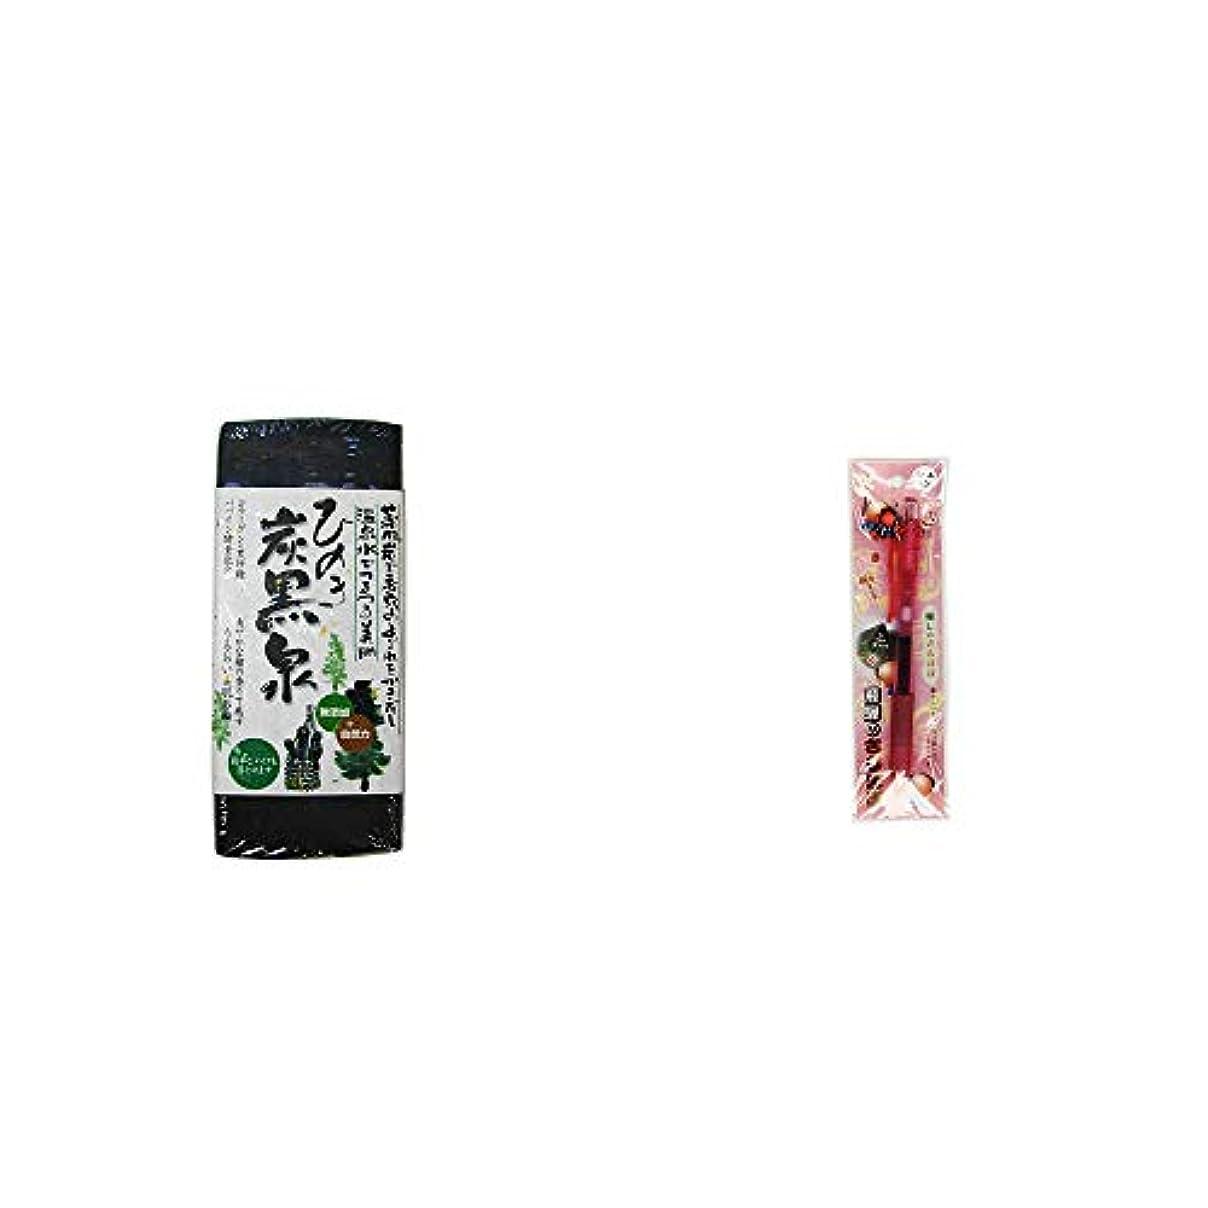 暖炉加害者インレイ[2点セット] ひのき炭黒泉(75g×2)?さるぼぼ 癒しボールペン 【ピンク】